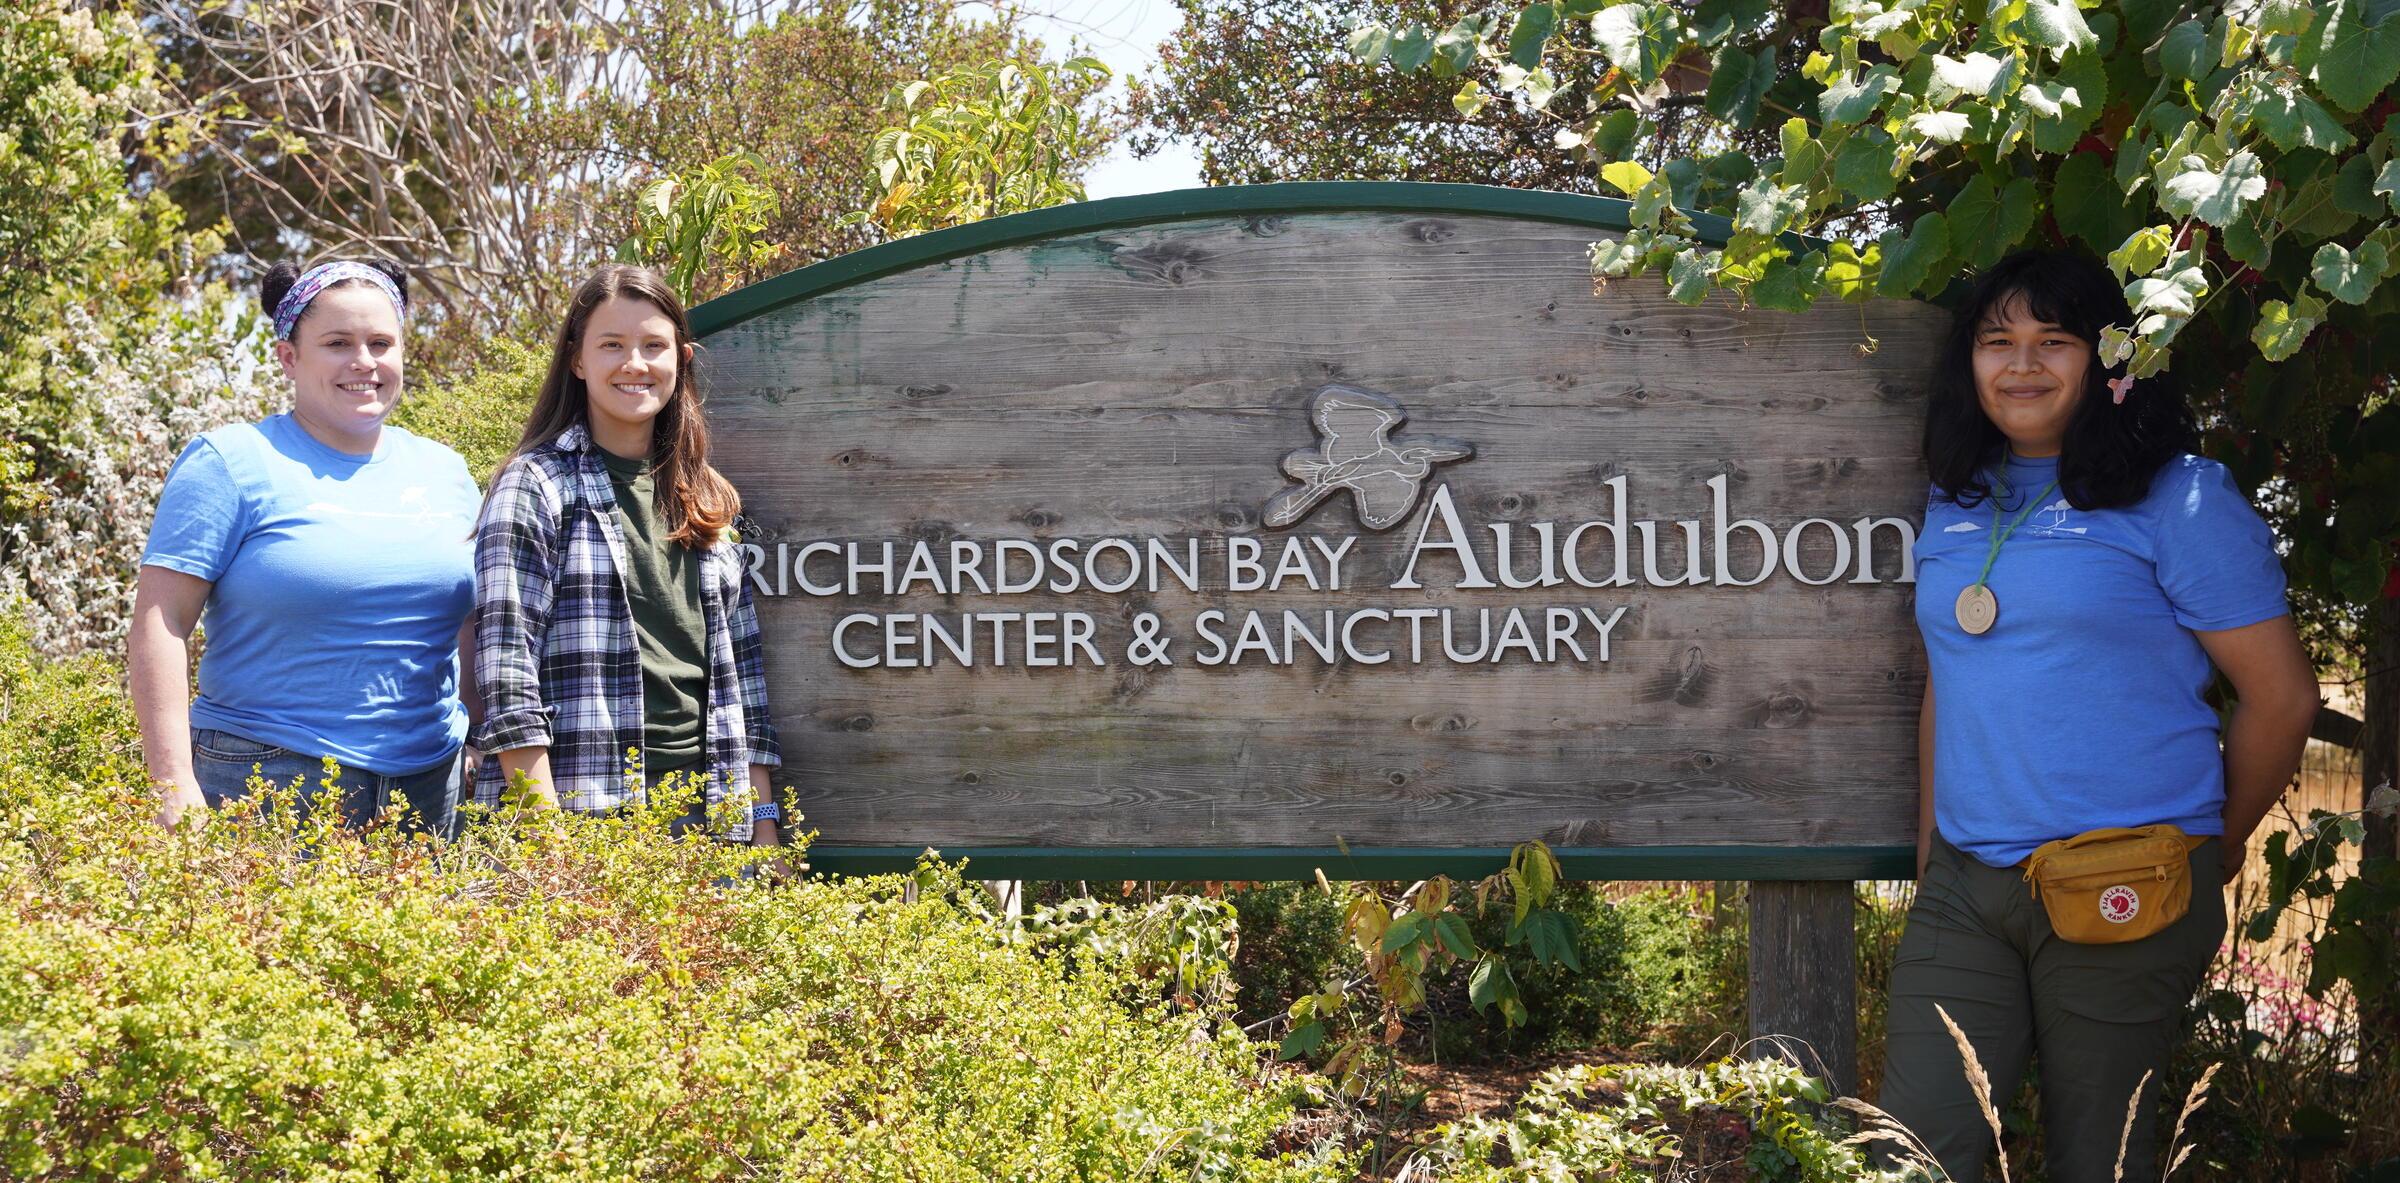 Richardson Bay Audubon Staff Photo